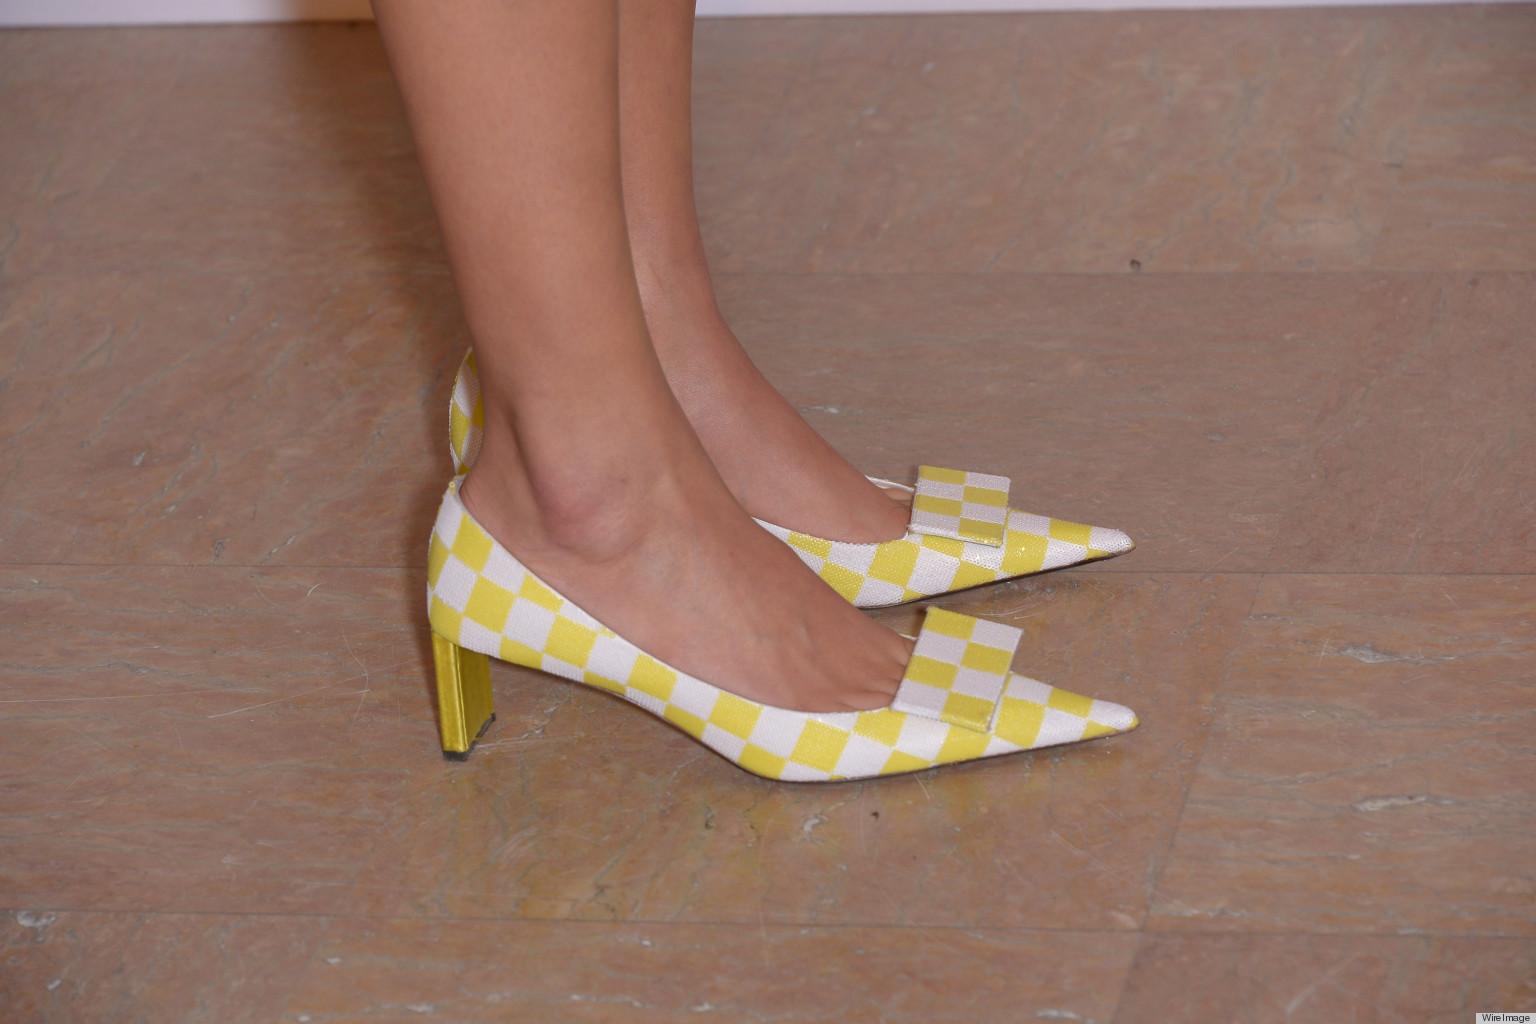 edf9eca27a28 Low Heels  Low Heels Tumblr